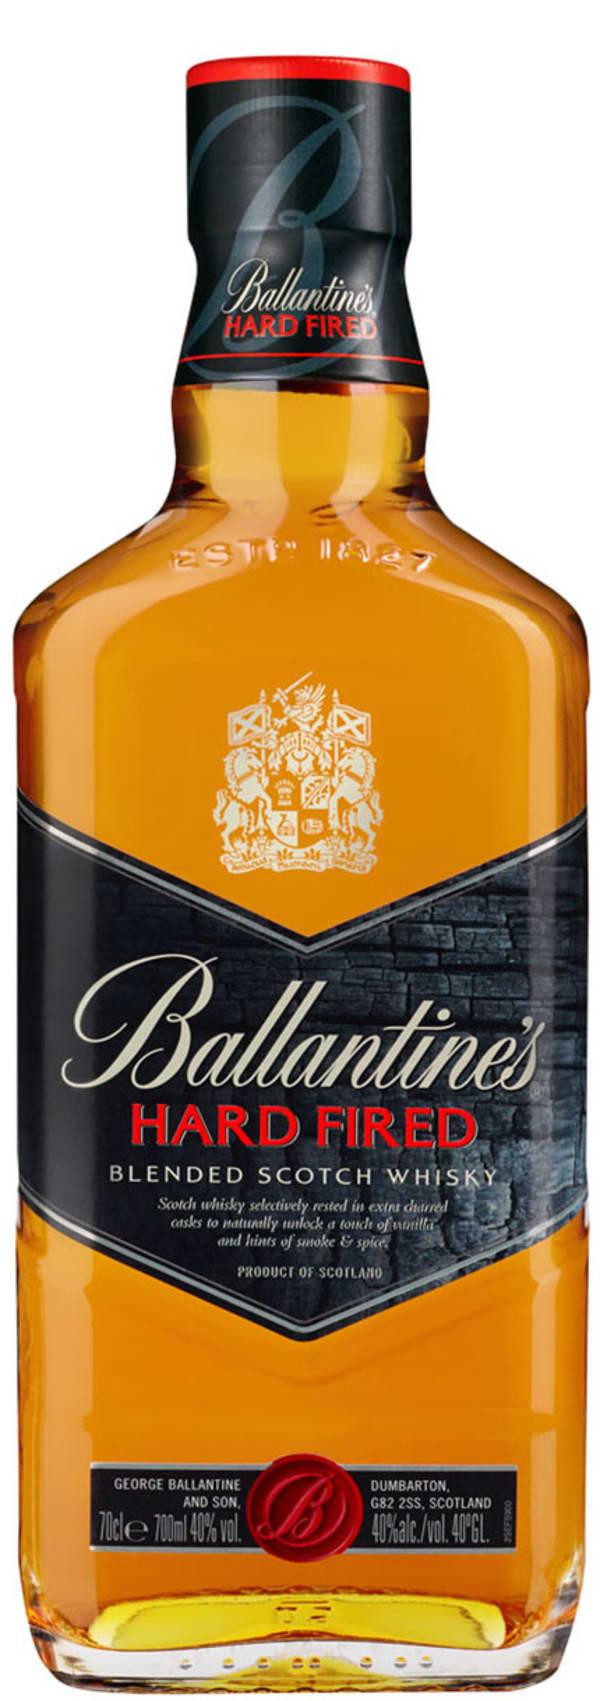 Ballantine's Hard Fired